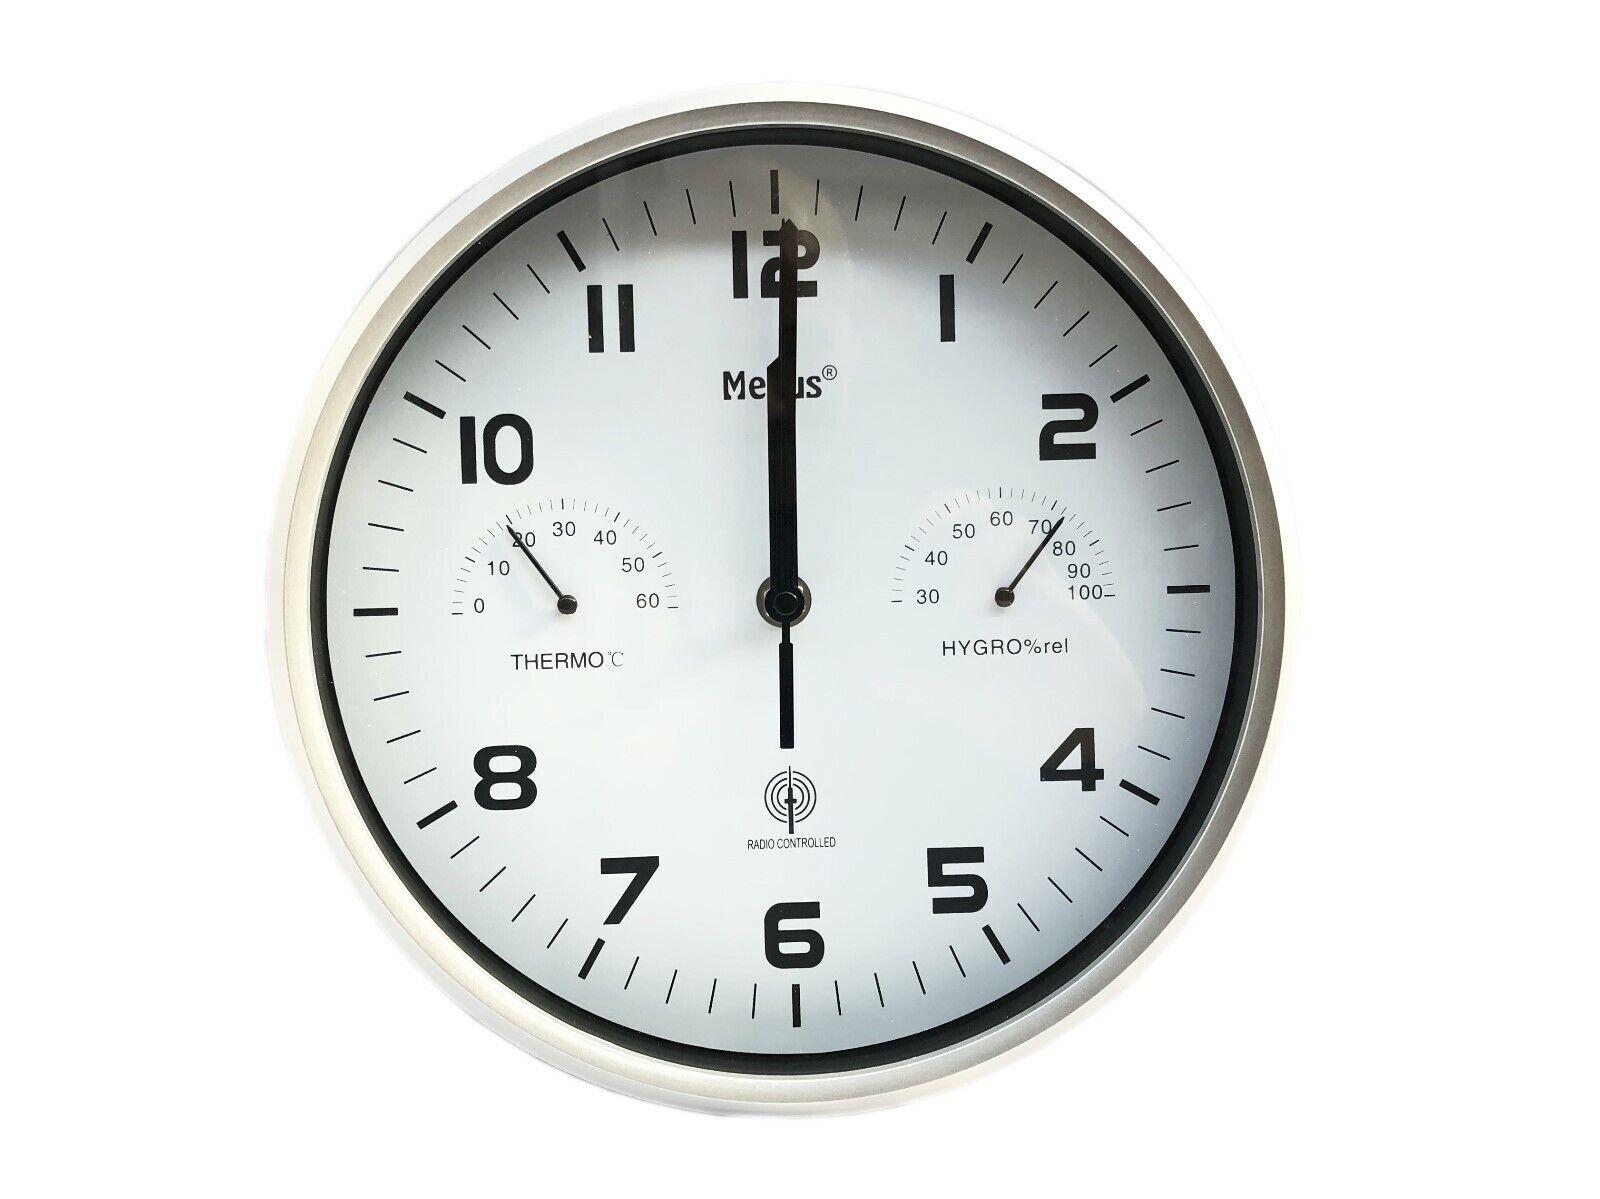 Mebus Funk Wanduhr Thermo Hygrometer Küchenuhr Uhr 25,5 cm Funkuhr Bürouhr H367